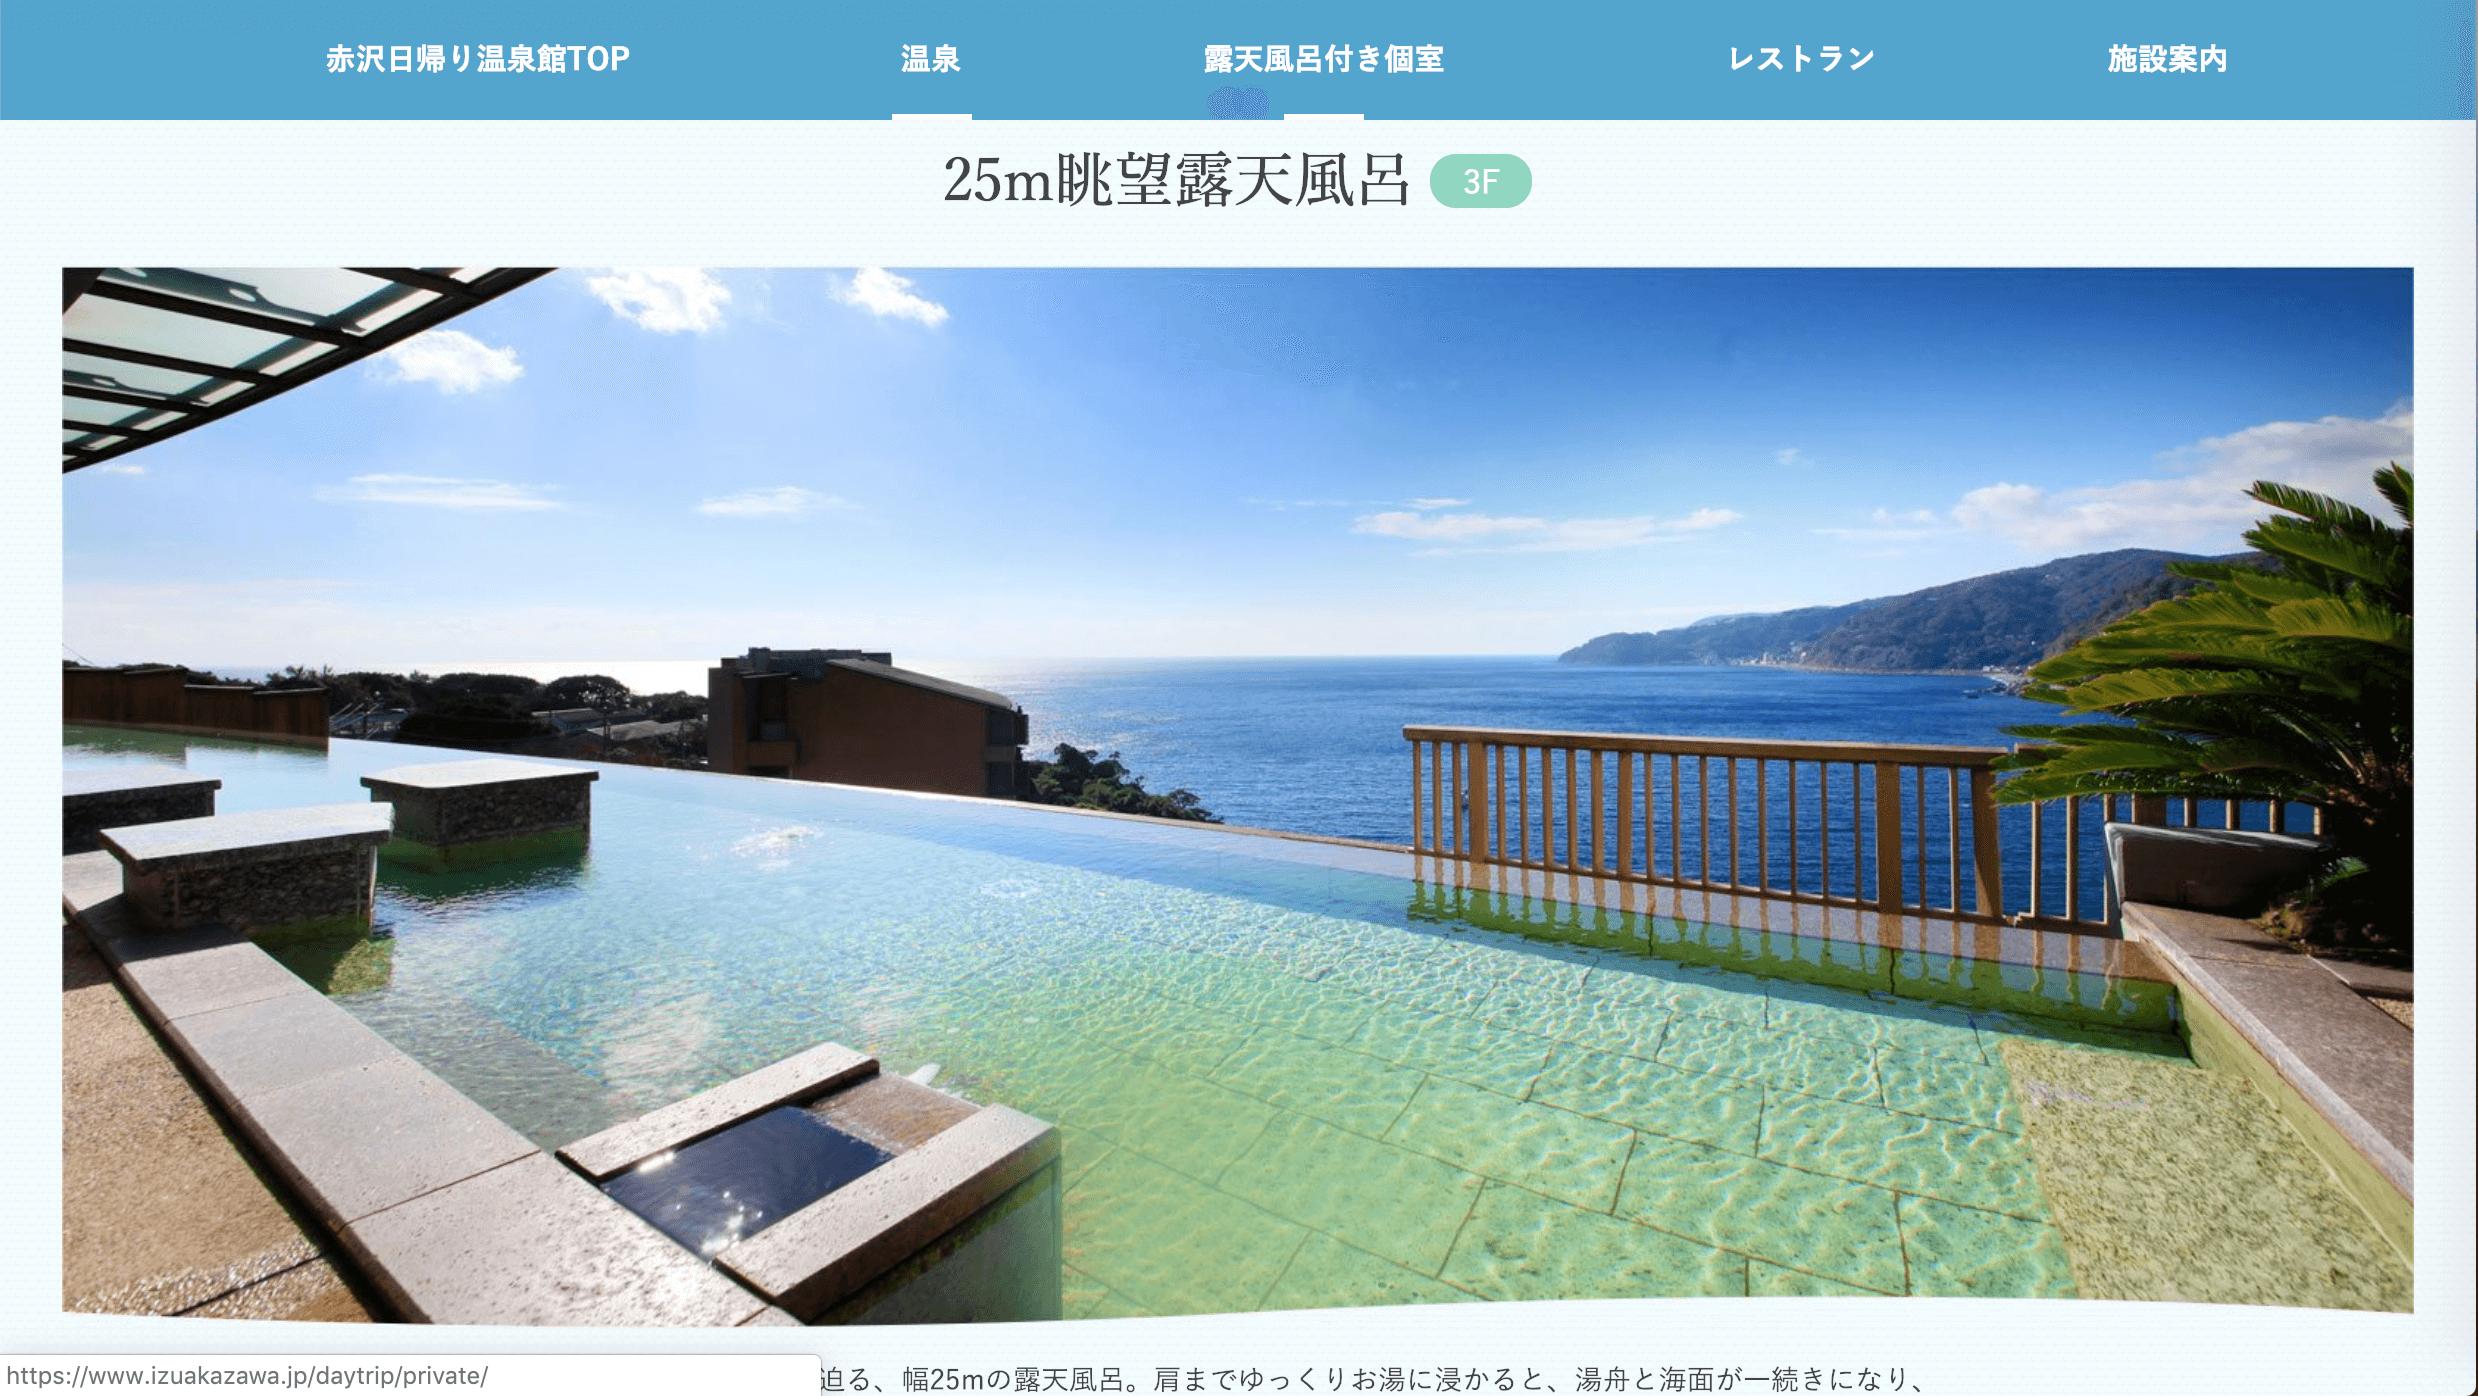 DHC赤沢温泉ホテルの温泉